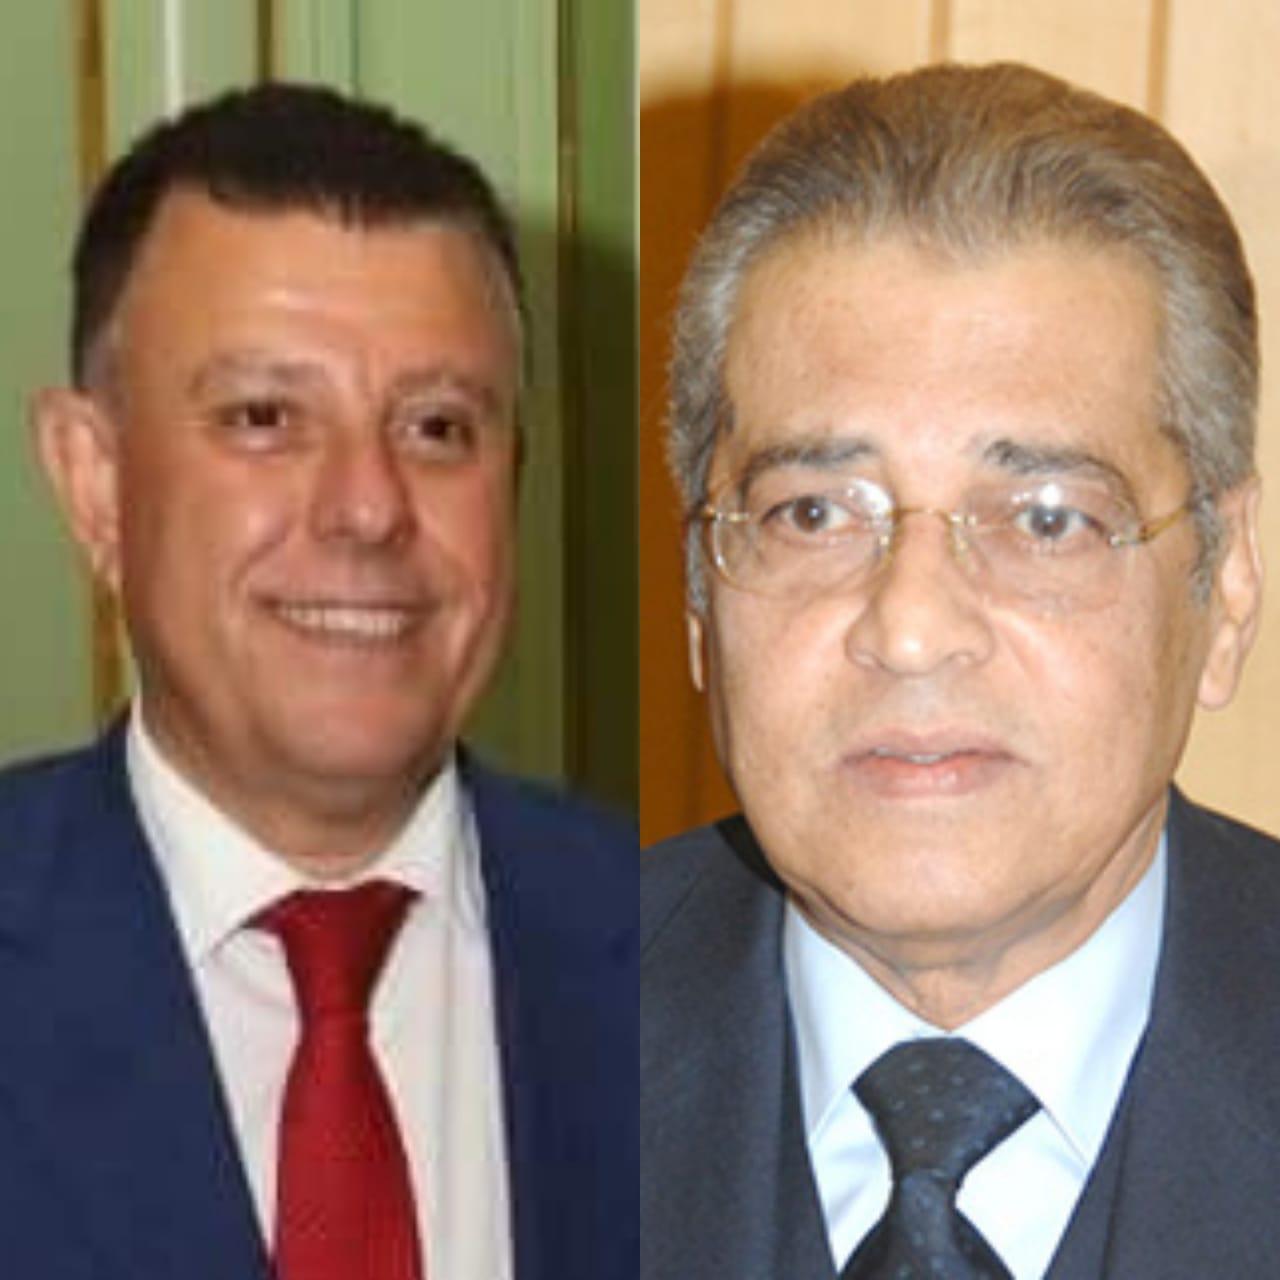 جامعة عين شمس تهنئ الدكتور صالح هاشم بعضوية مجلس إدارة الاتحاد الدولي للاقتصاديين والاداريين  في دول الاتحاد الأوروبي